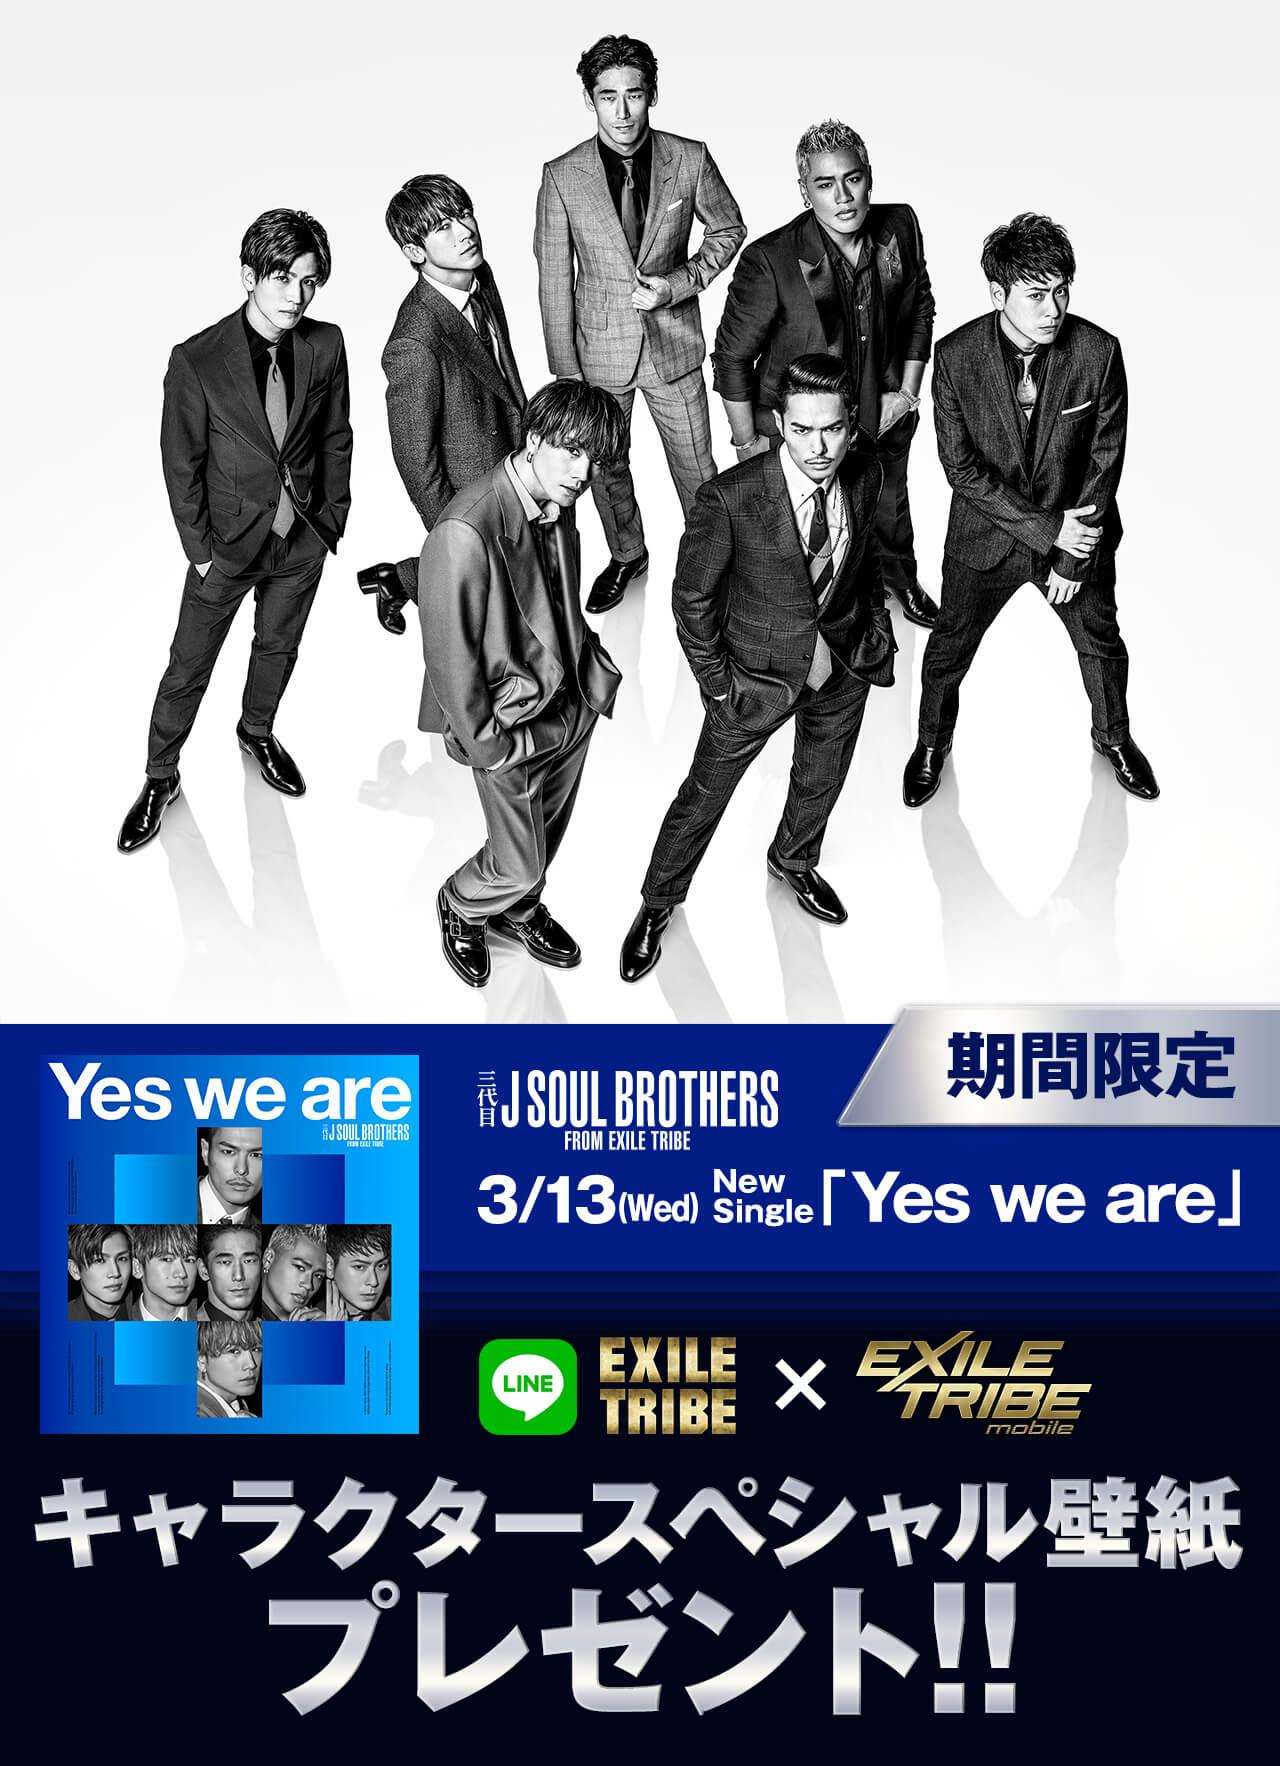 Yes We Are Lineコラボ キャラクタースペシャル壁紙プレゼント